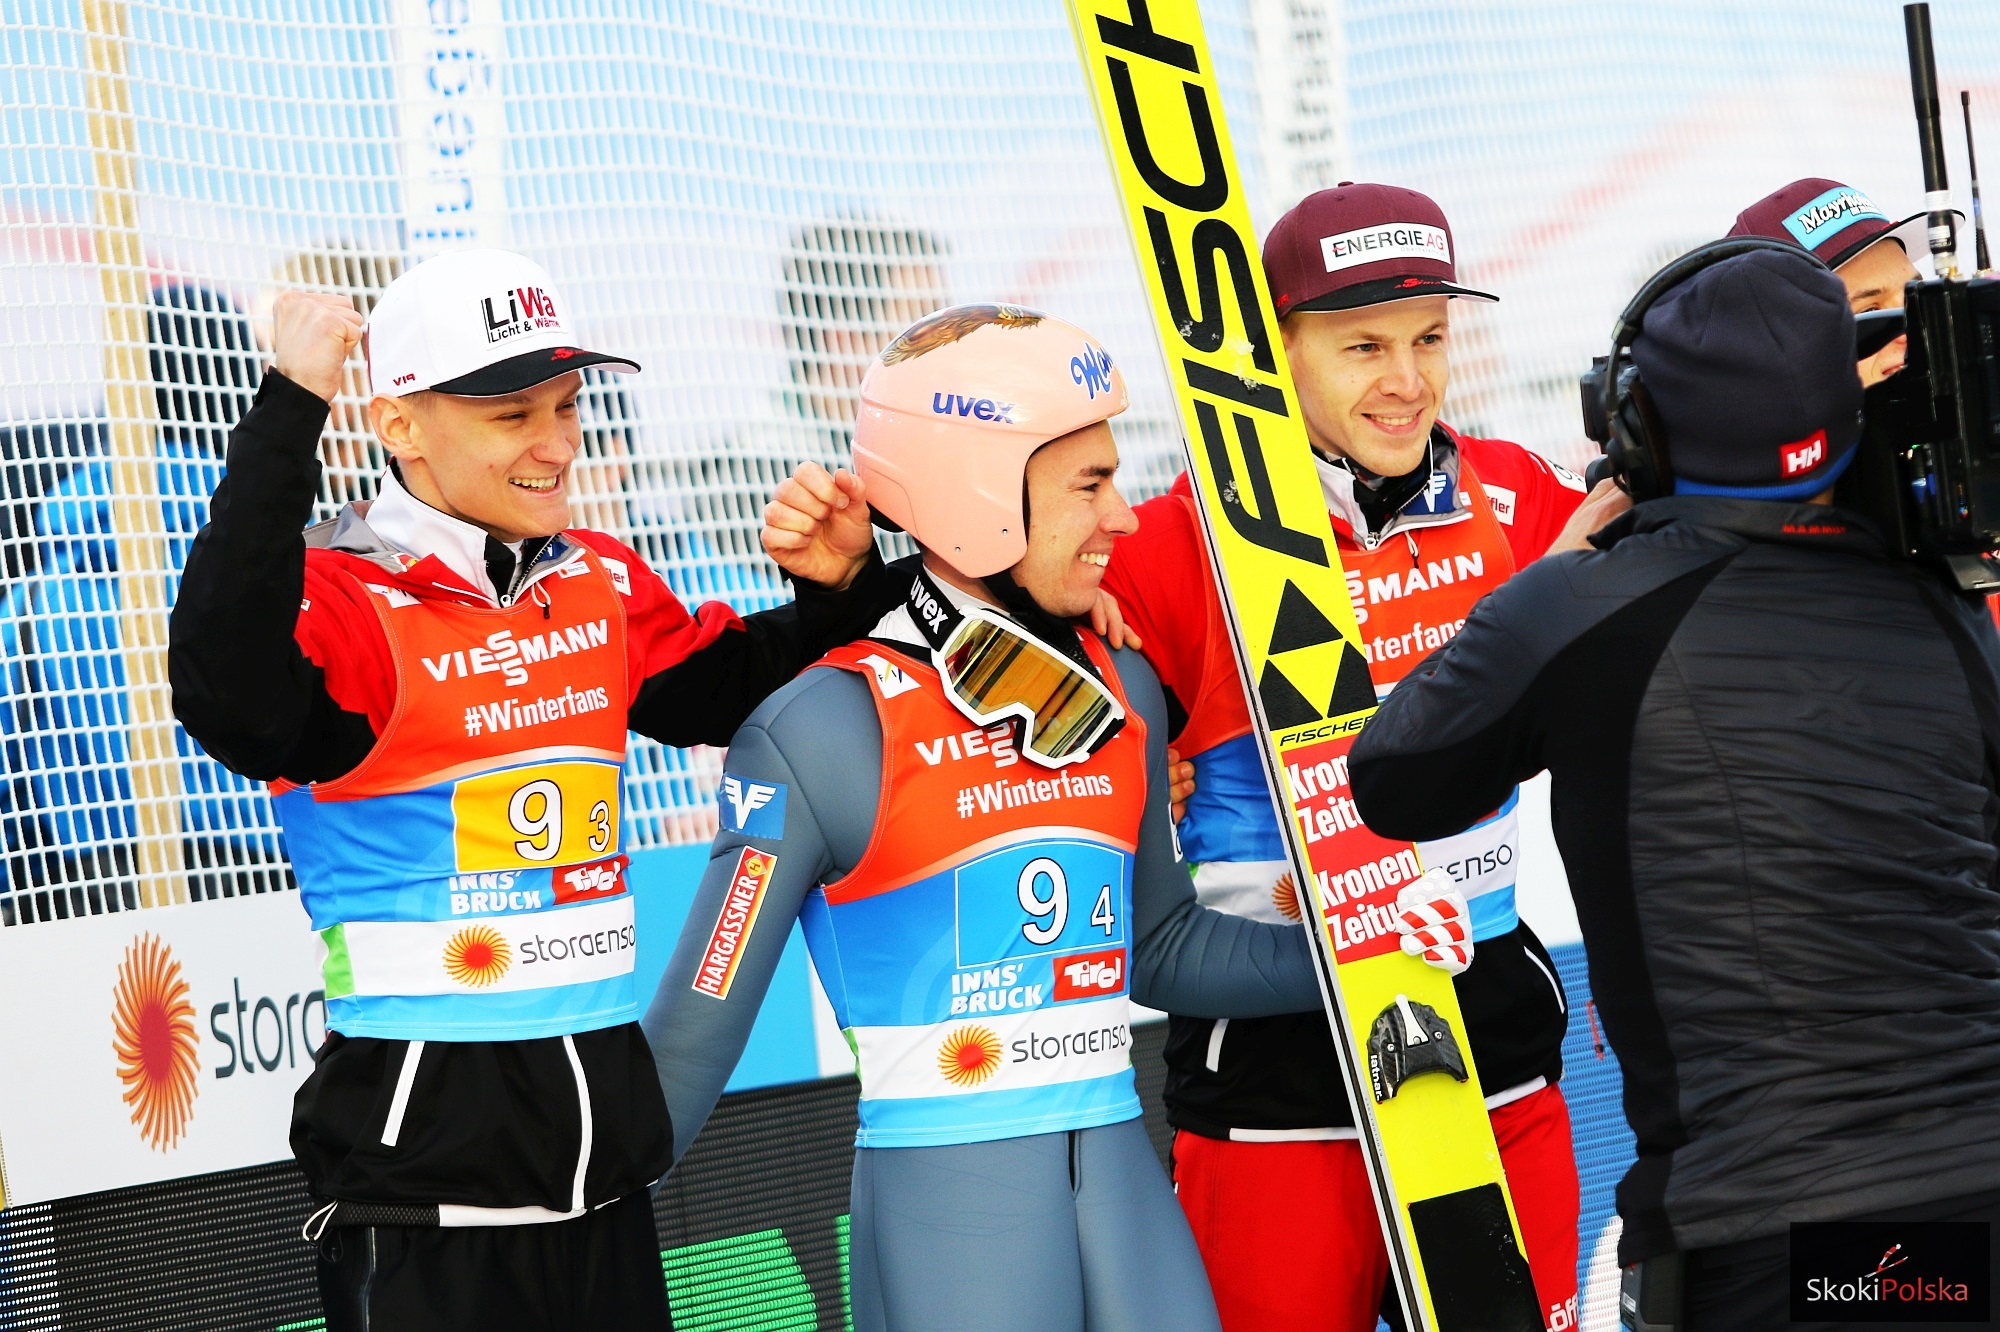 Austriacy wracają do treningów. Co z przyszłością skoków narciarskich?